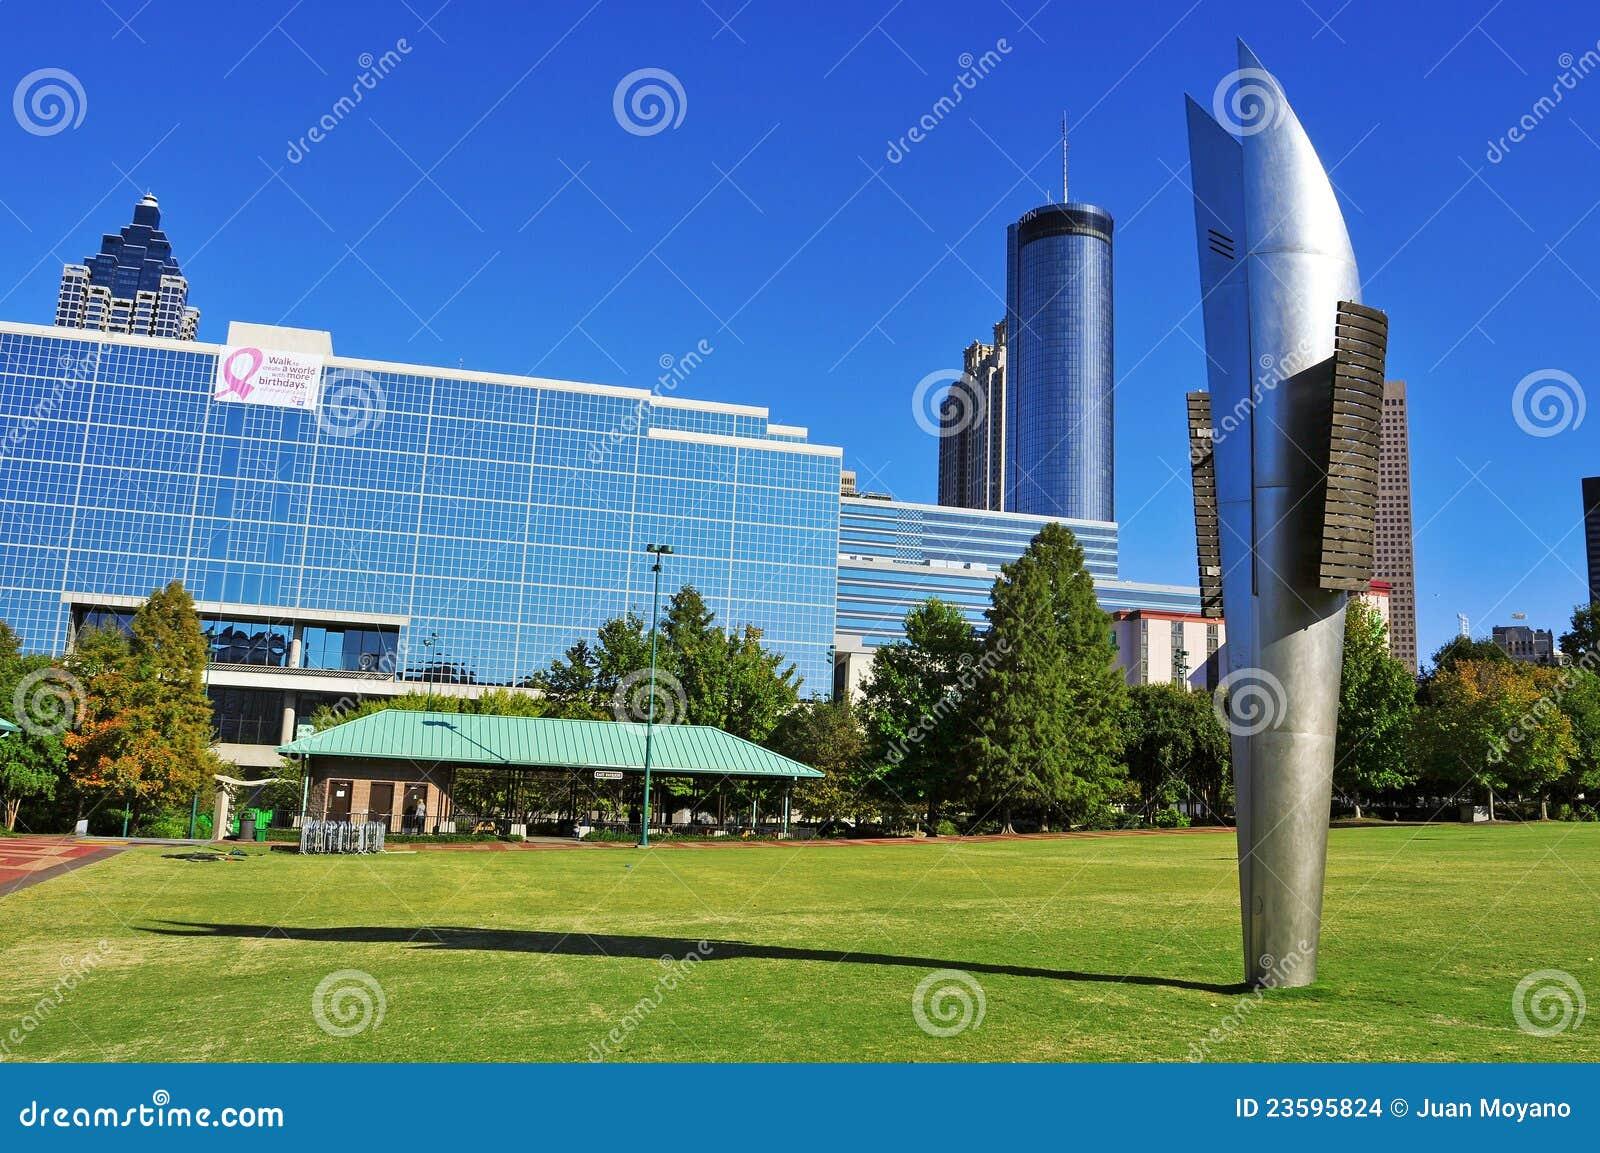 Parque olímpico centenário, Atlanta, Estados Unidos